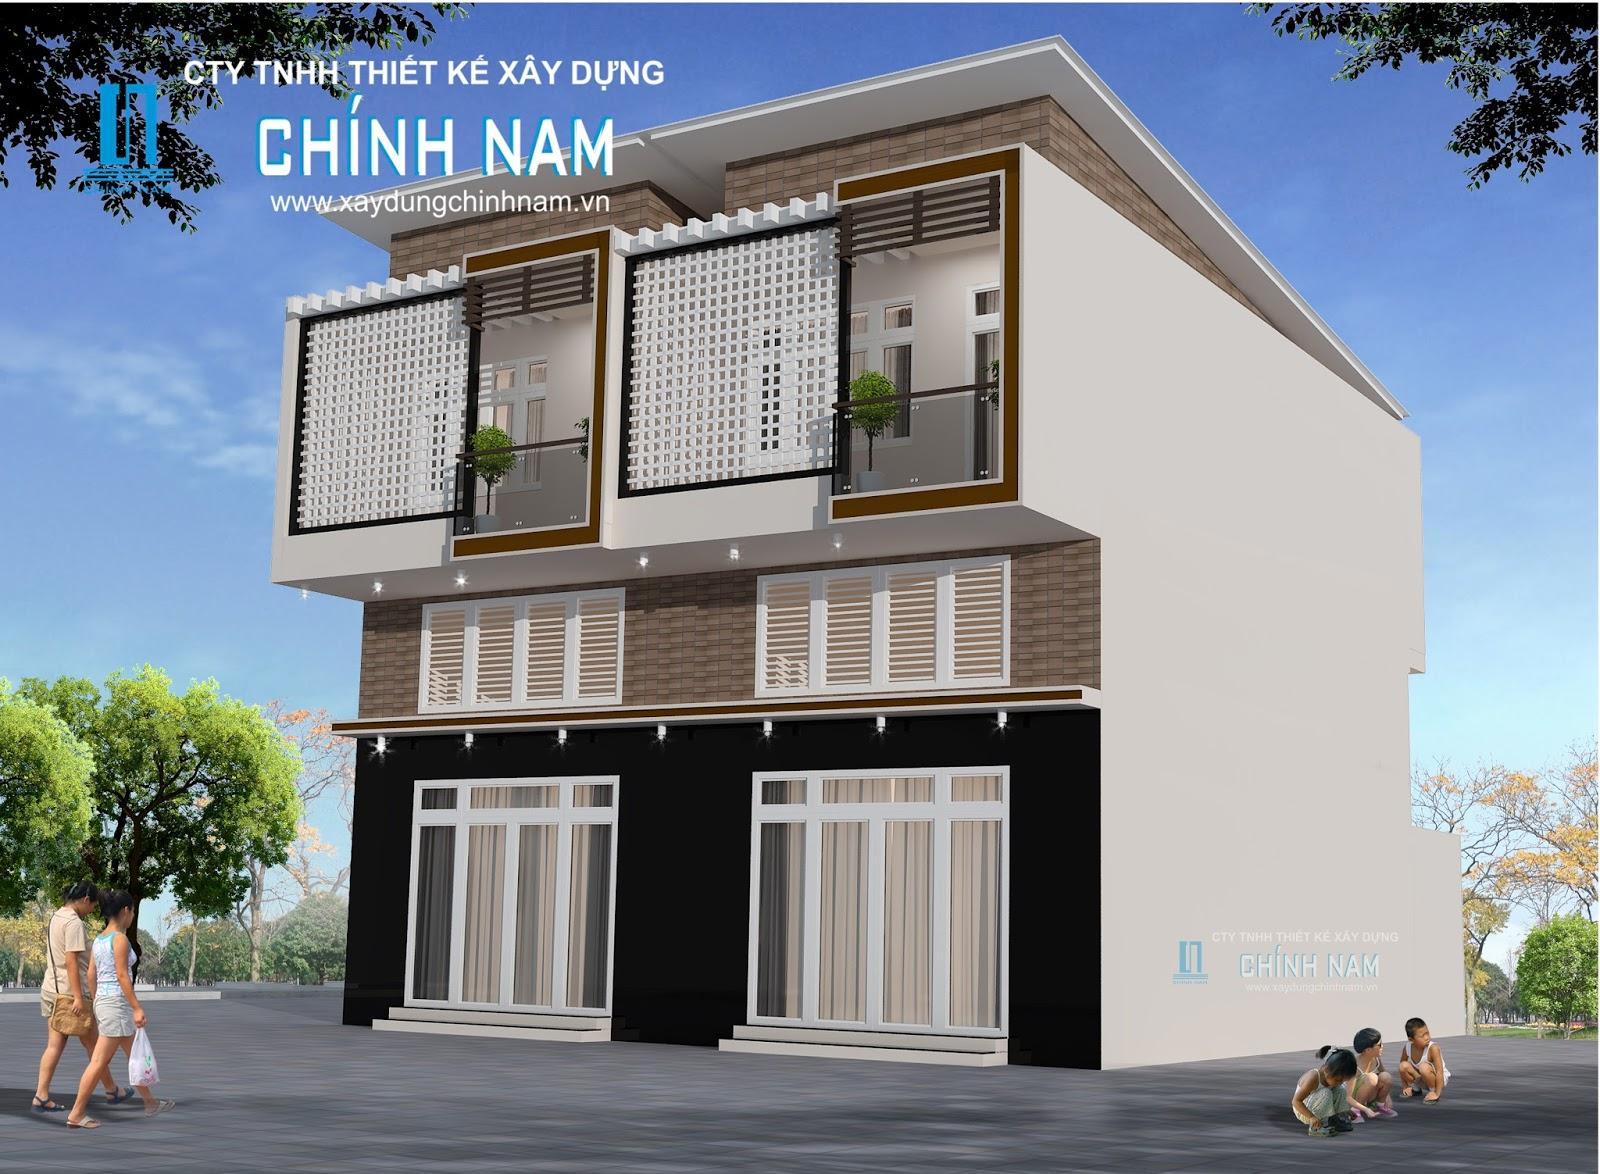 Dịch vụ xây dựng tỉnh Đồng Nai